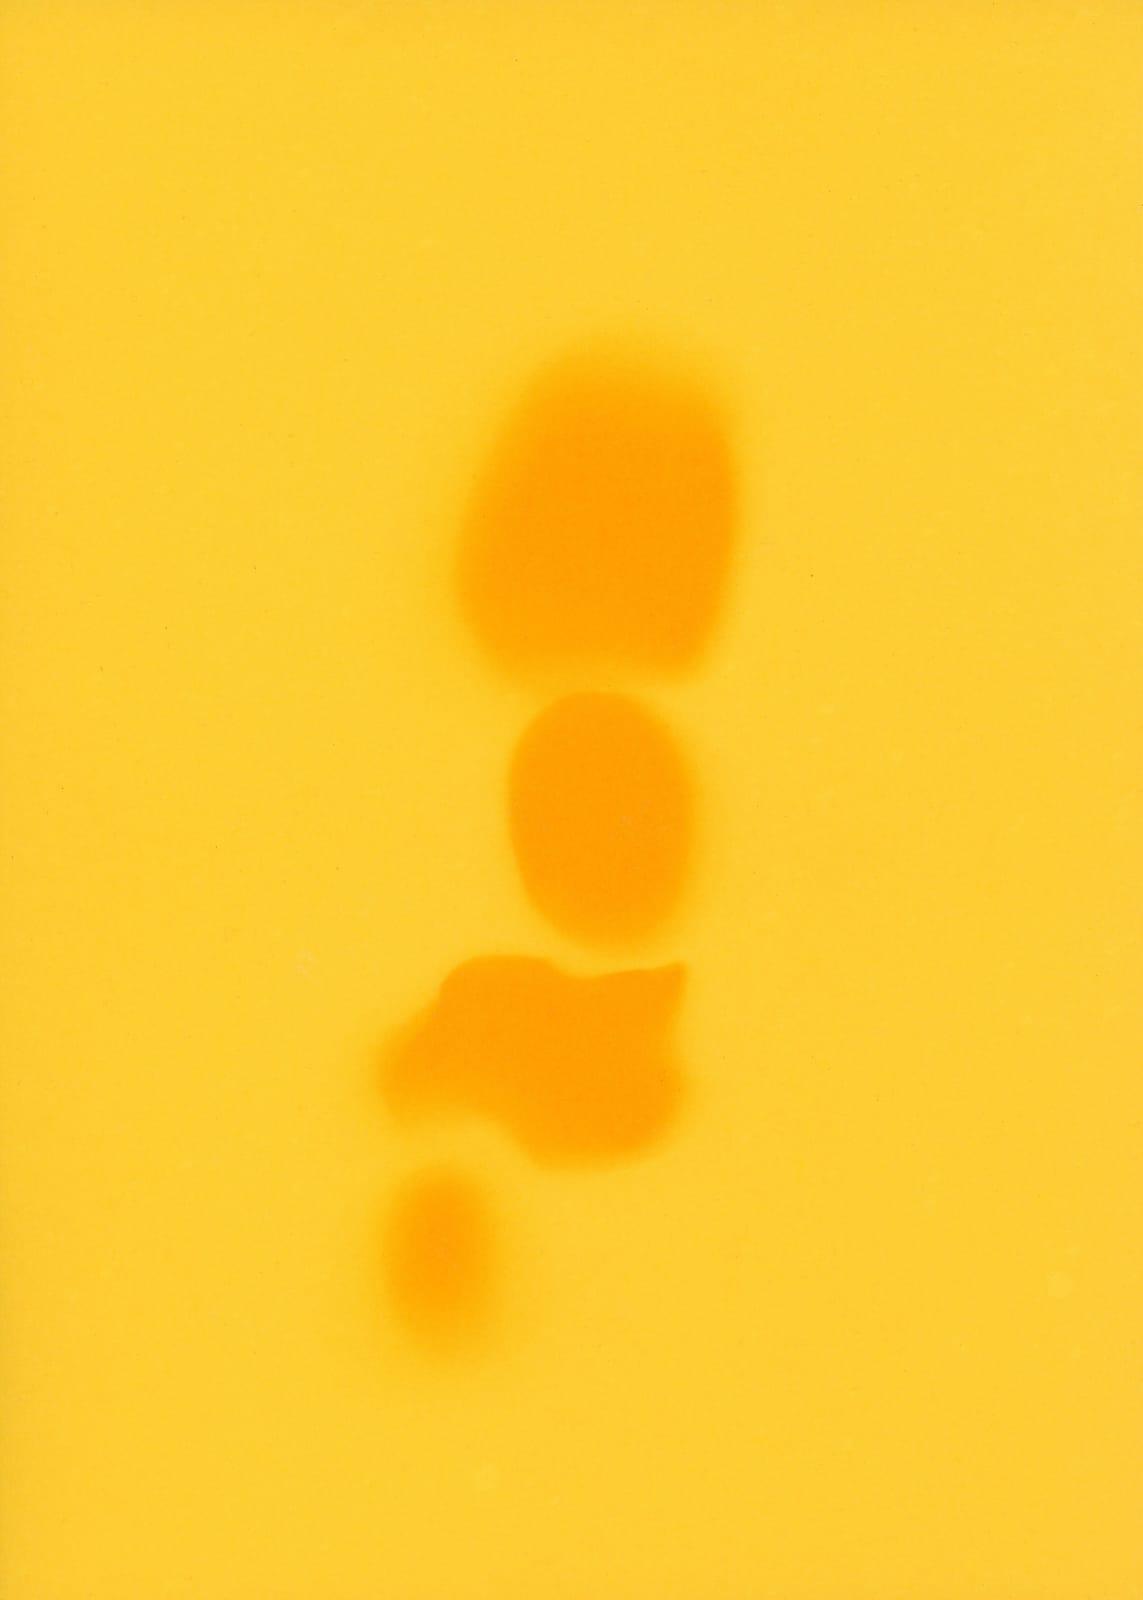 Pareidolie in yellow, 2020. Unique Photogram